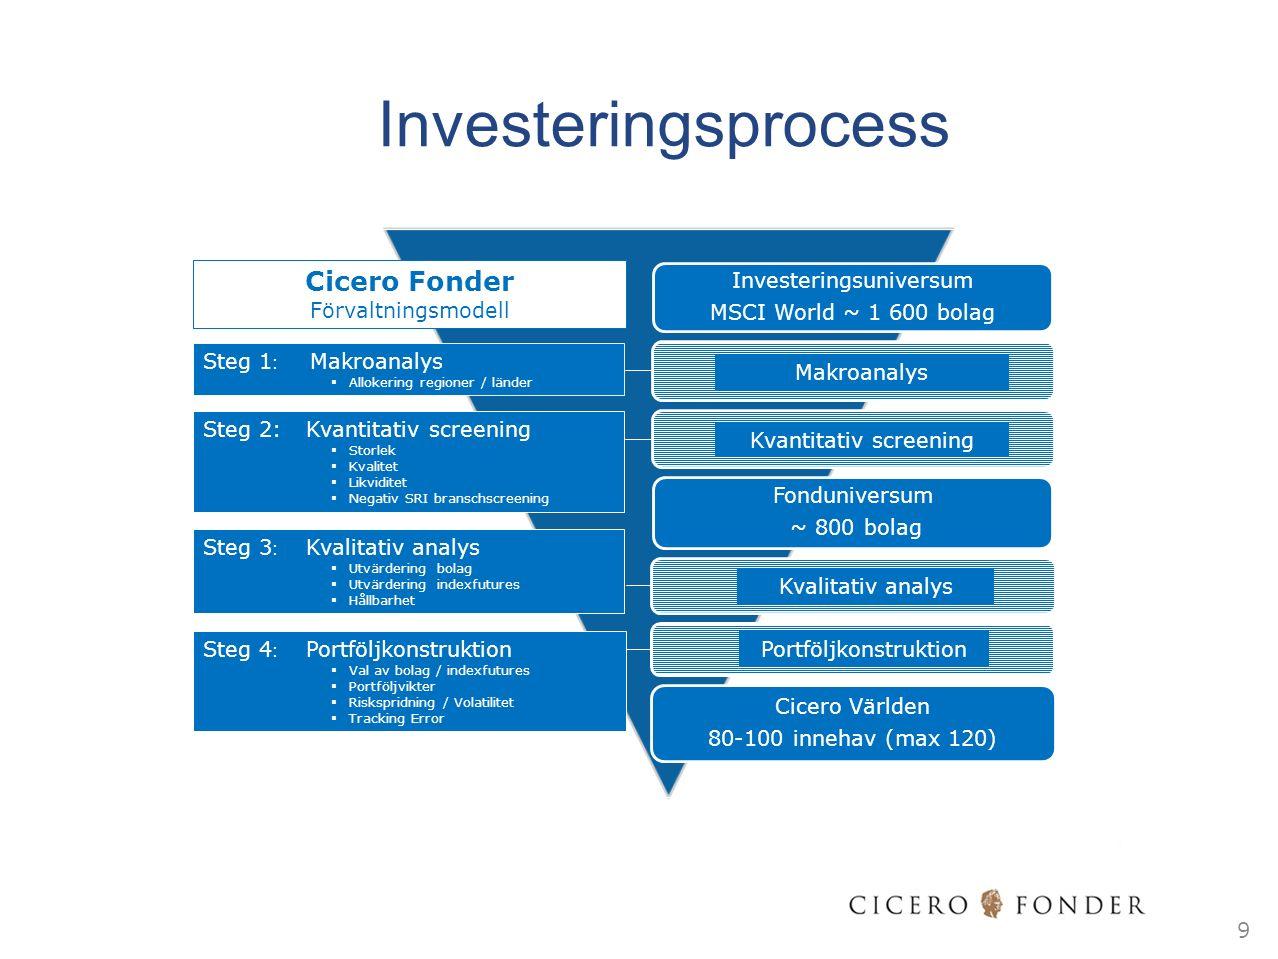 Investeringsprocess Investeringsuniversum OMXPRI ~ 250 bolag Investeringsuniversum MSCI World ~ 1 600 bolag Text Fonduniversum ~ 800 bolag Cicero Världen 80-100 innehav (max 120) Makroanalys Kvalitativ analys Portföljkonstruktion Steg 1 : Makroanalys  Allokering regioner / länder Steg 2: Kvantitativ screening  Storlek  Kvalitet  Likviditet  Negativ SRI branschscreening Steg 4 : Portföljkonstruktion  Val av bolag / indexfutures  Portföljvikter  Riskspridning / Volatilitet  Tracking Error Cicero Fonder Förvaltningsmodell Kvantitativ screening Steg 3 : Kvalitativ analys  Utvärdering bolag  Utvärdering indexfutures  Hållbarhet 9